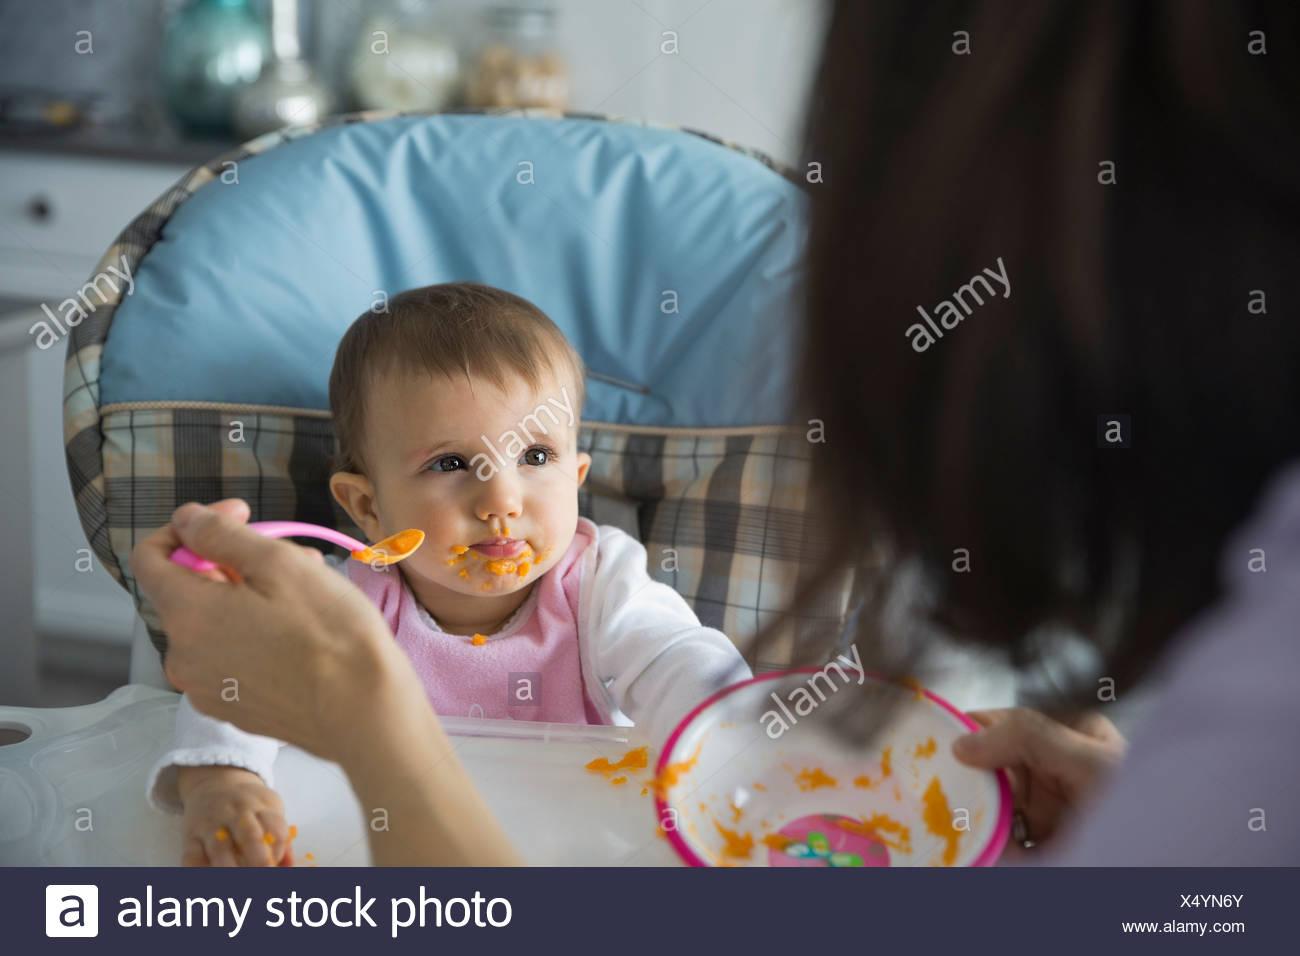 Carino Baby girl essendo alimentato da madre a casa Immagini Stock